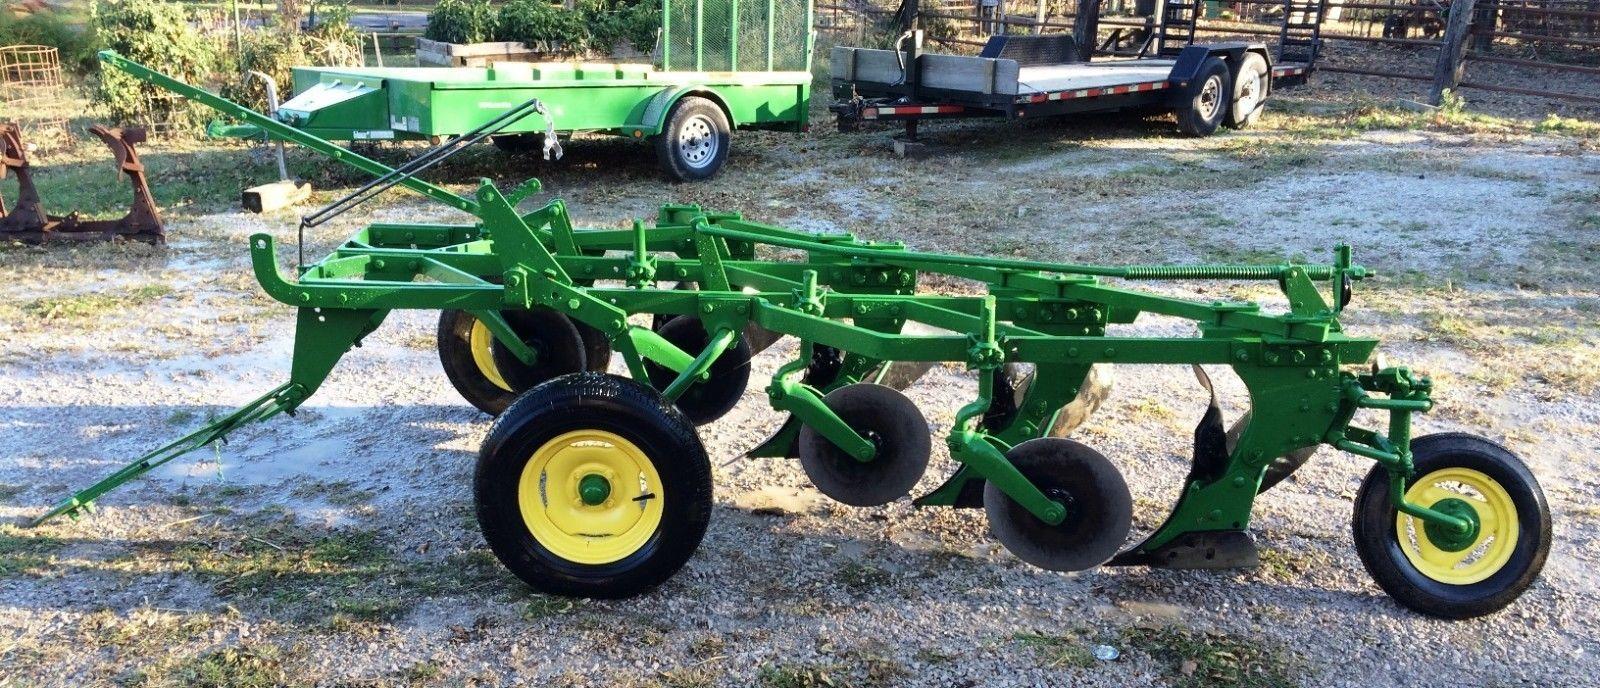 john deere 4320 tractor manual